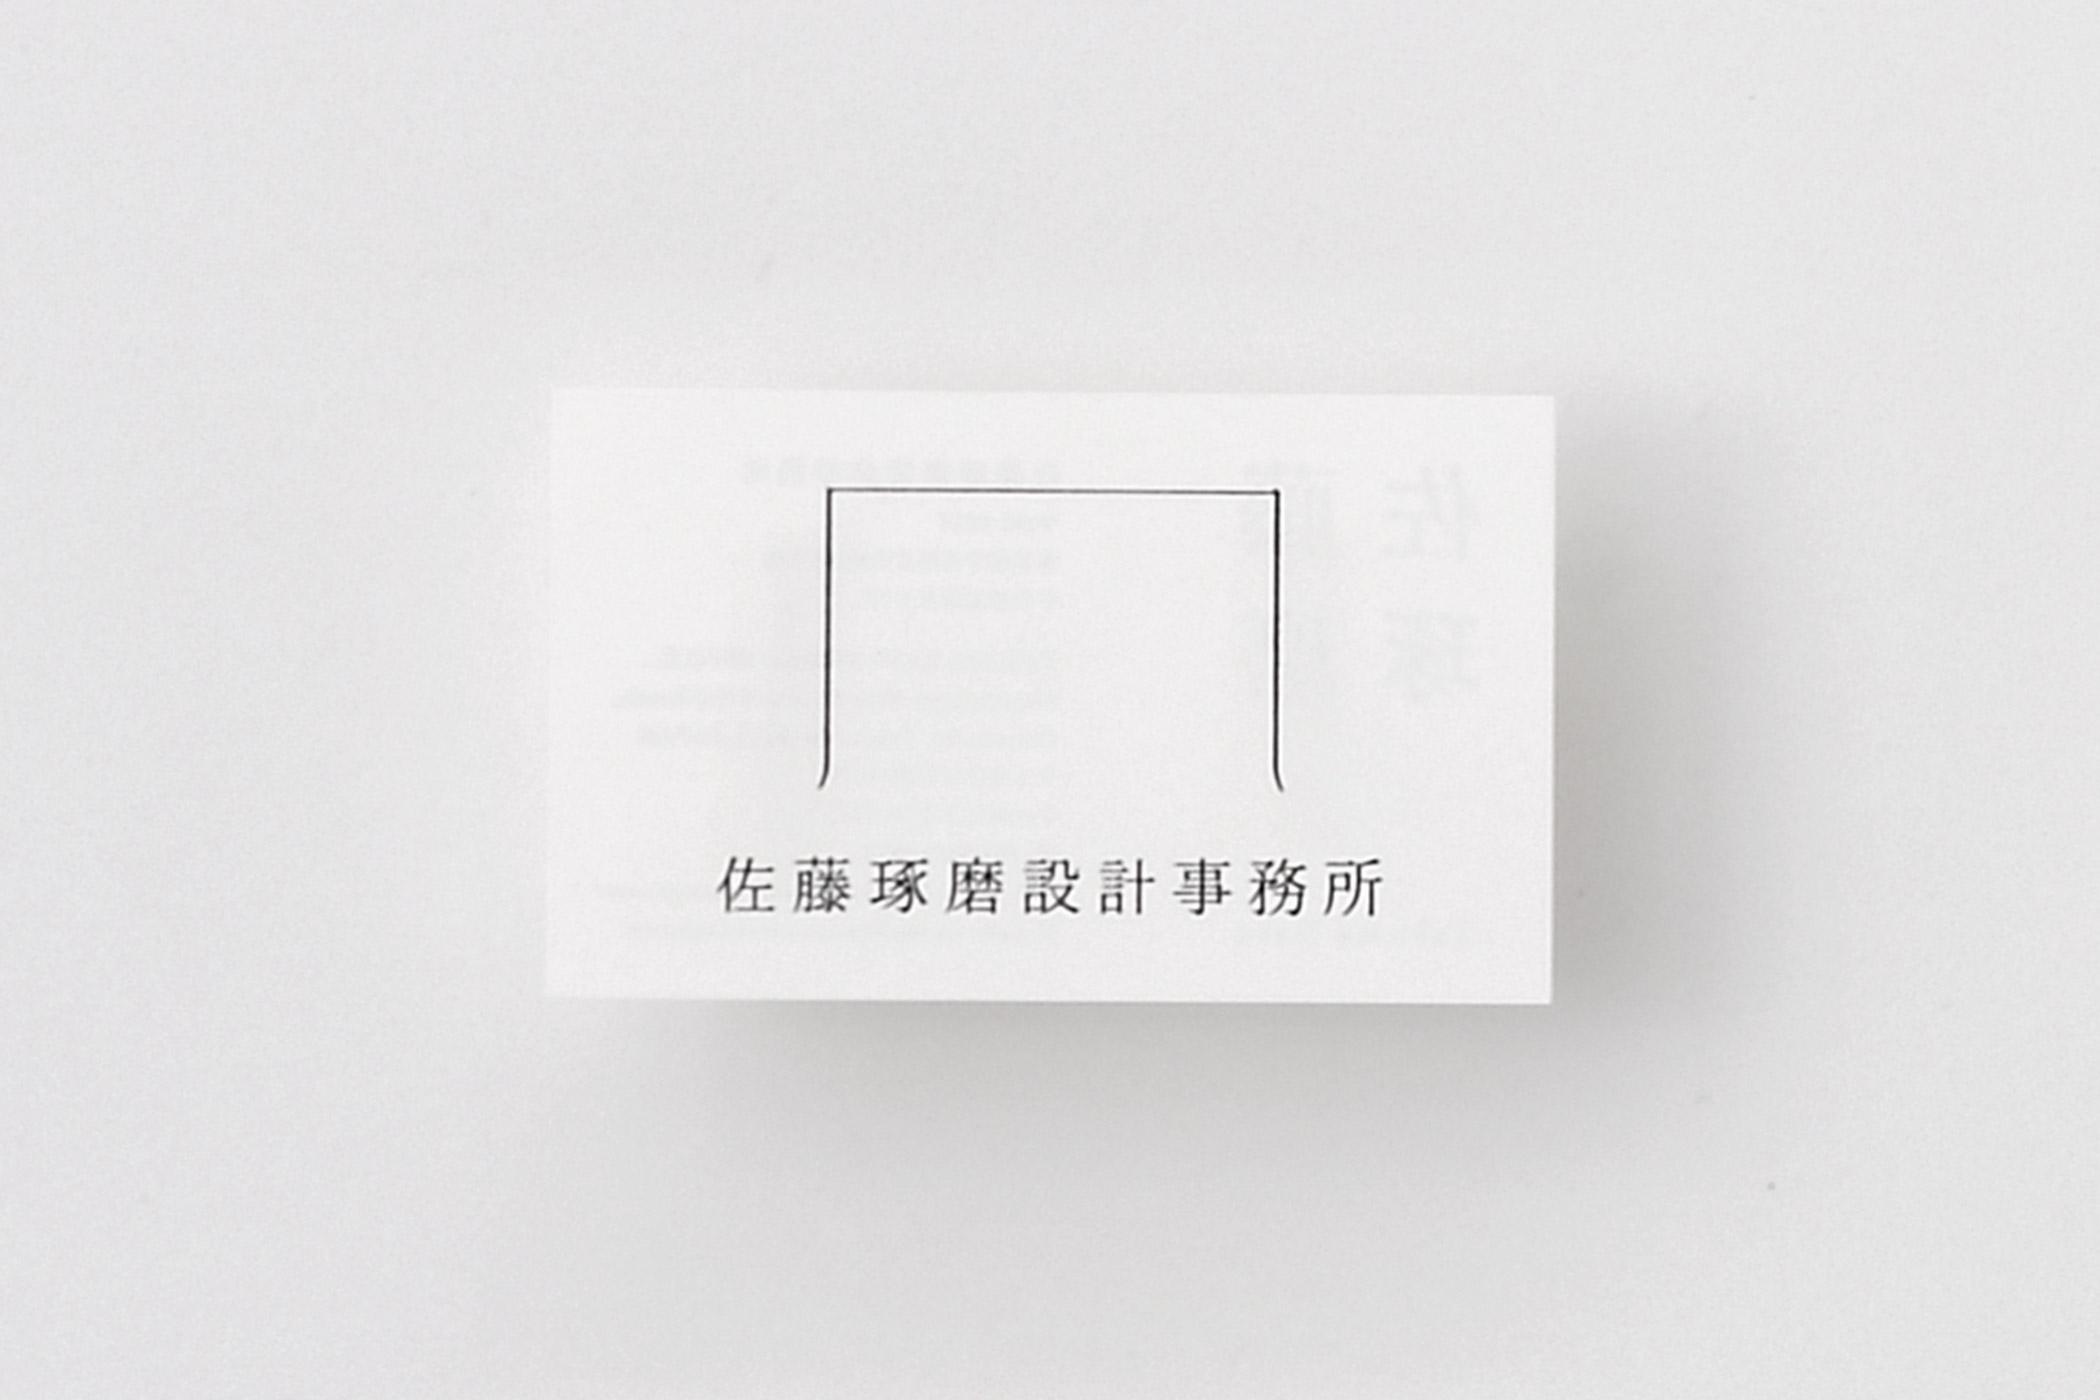 佐藤琢磨建築設計事務所